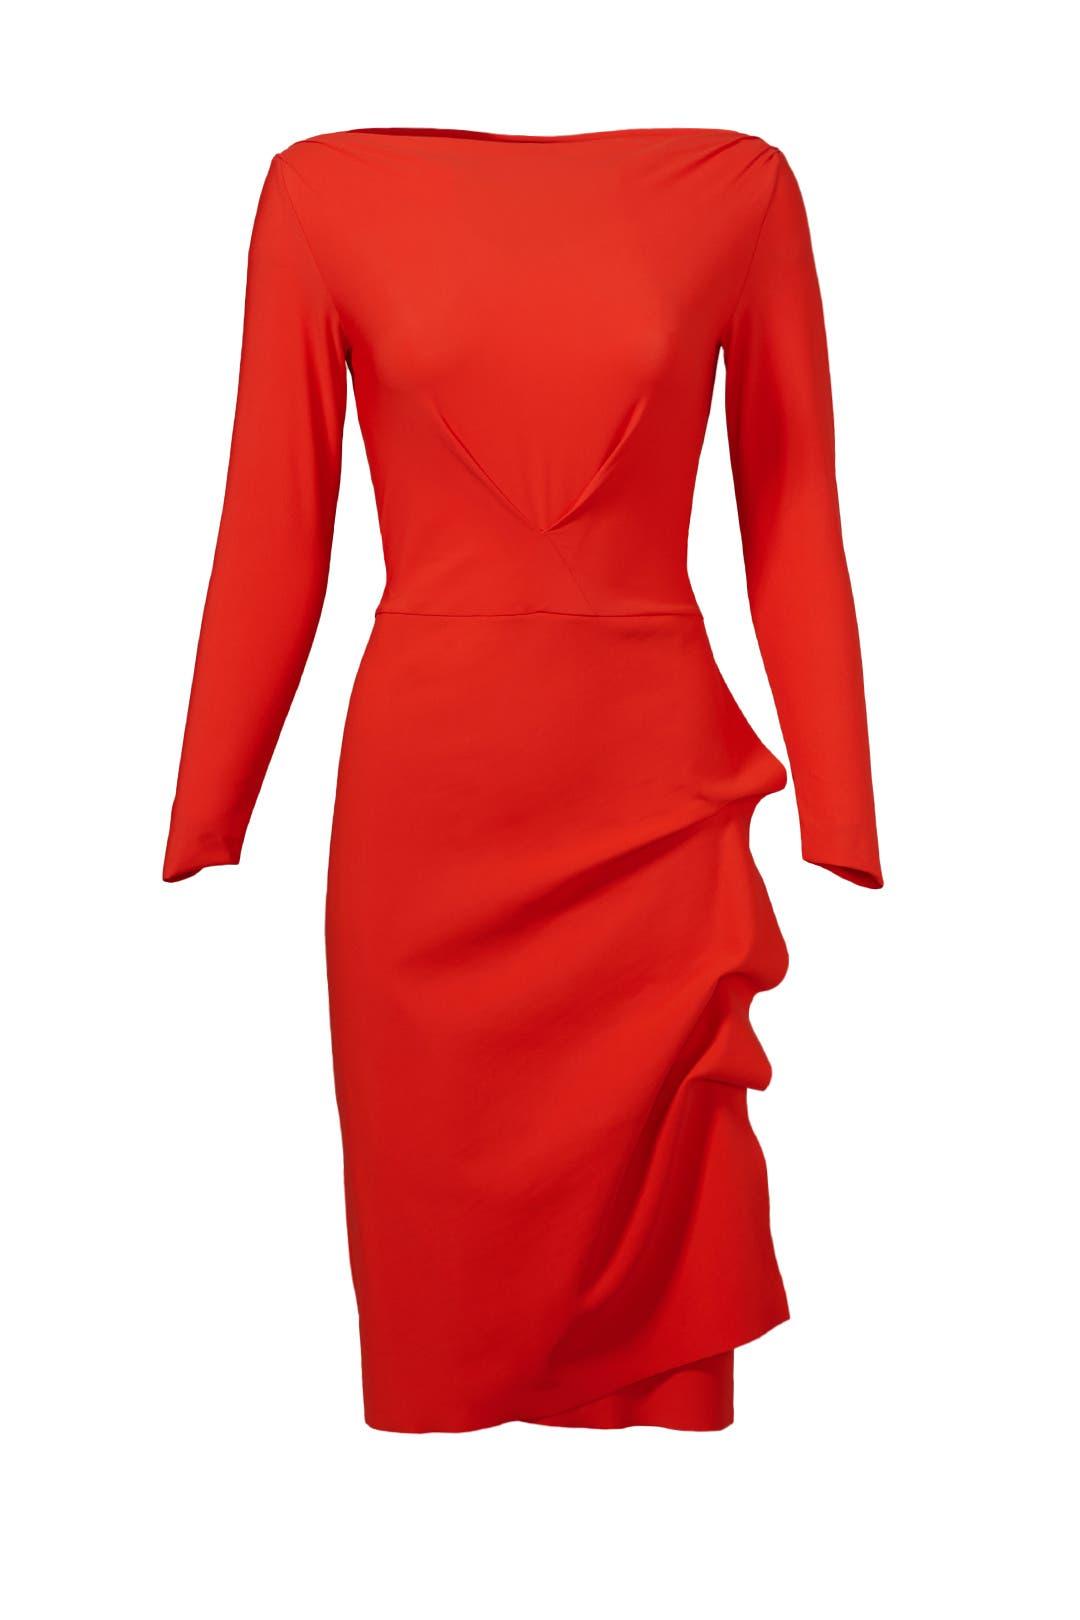 Chiara Boni La Petite Robe v-neck dress Get To Buy Cheap Price dW0Wn